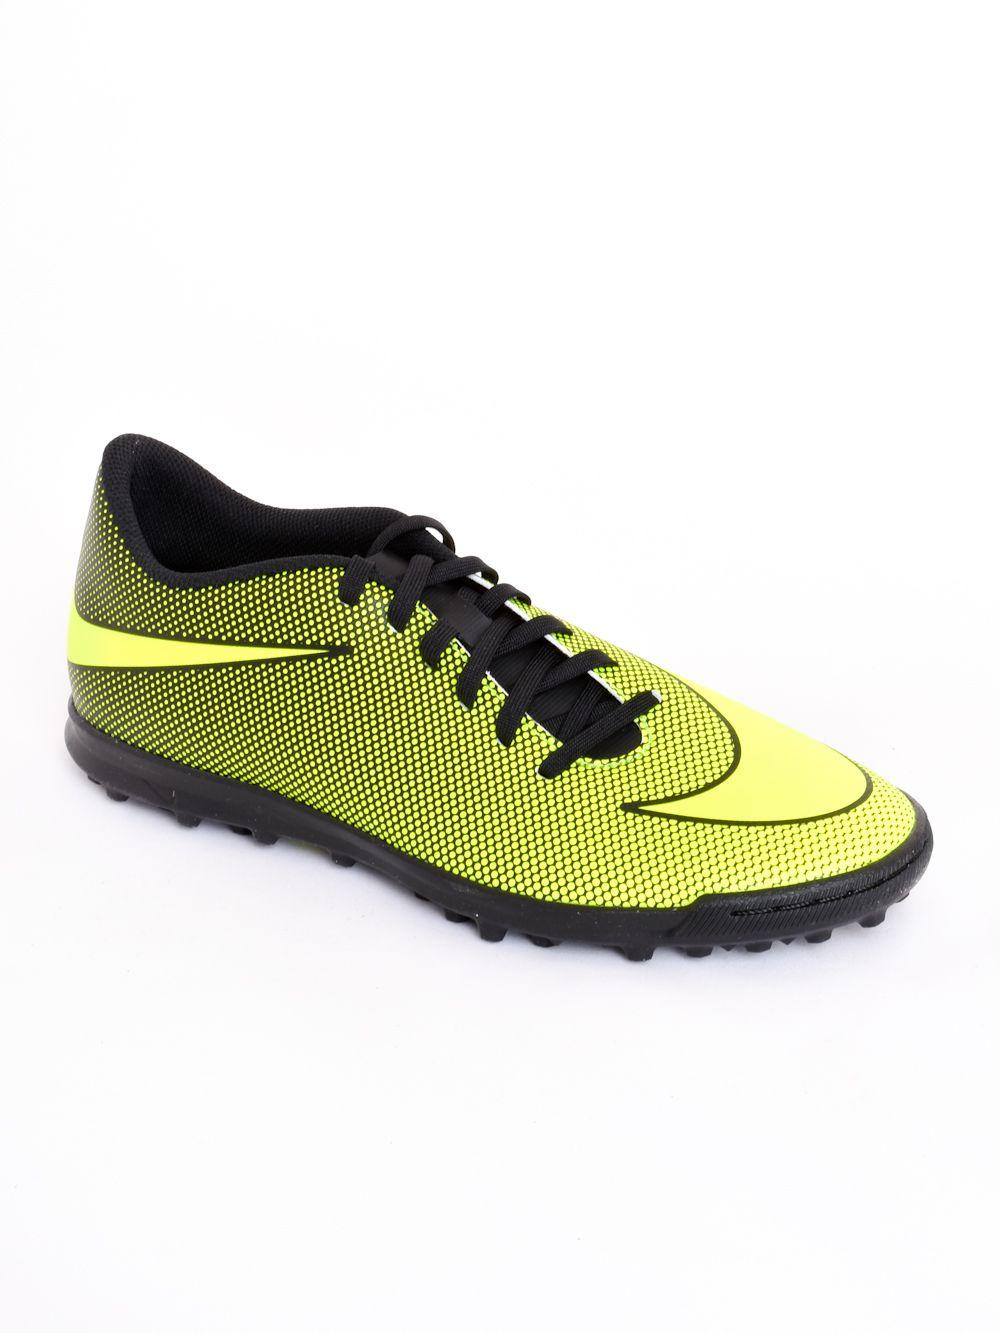 Nike Forgalmazó Hivatalos Férfi Műfüves hu CipőMarkasbolt 6Y7fgvby